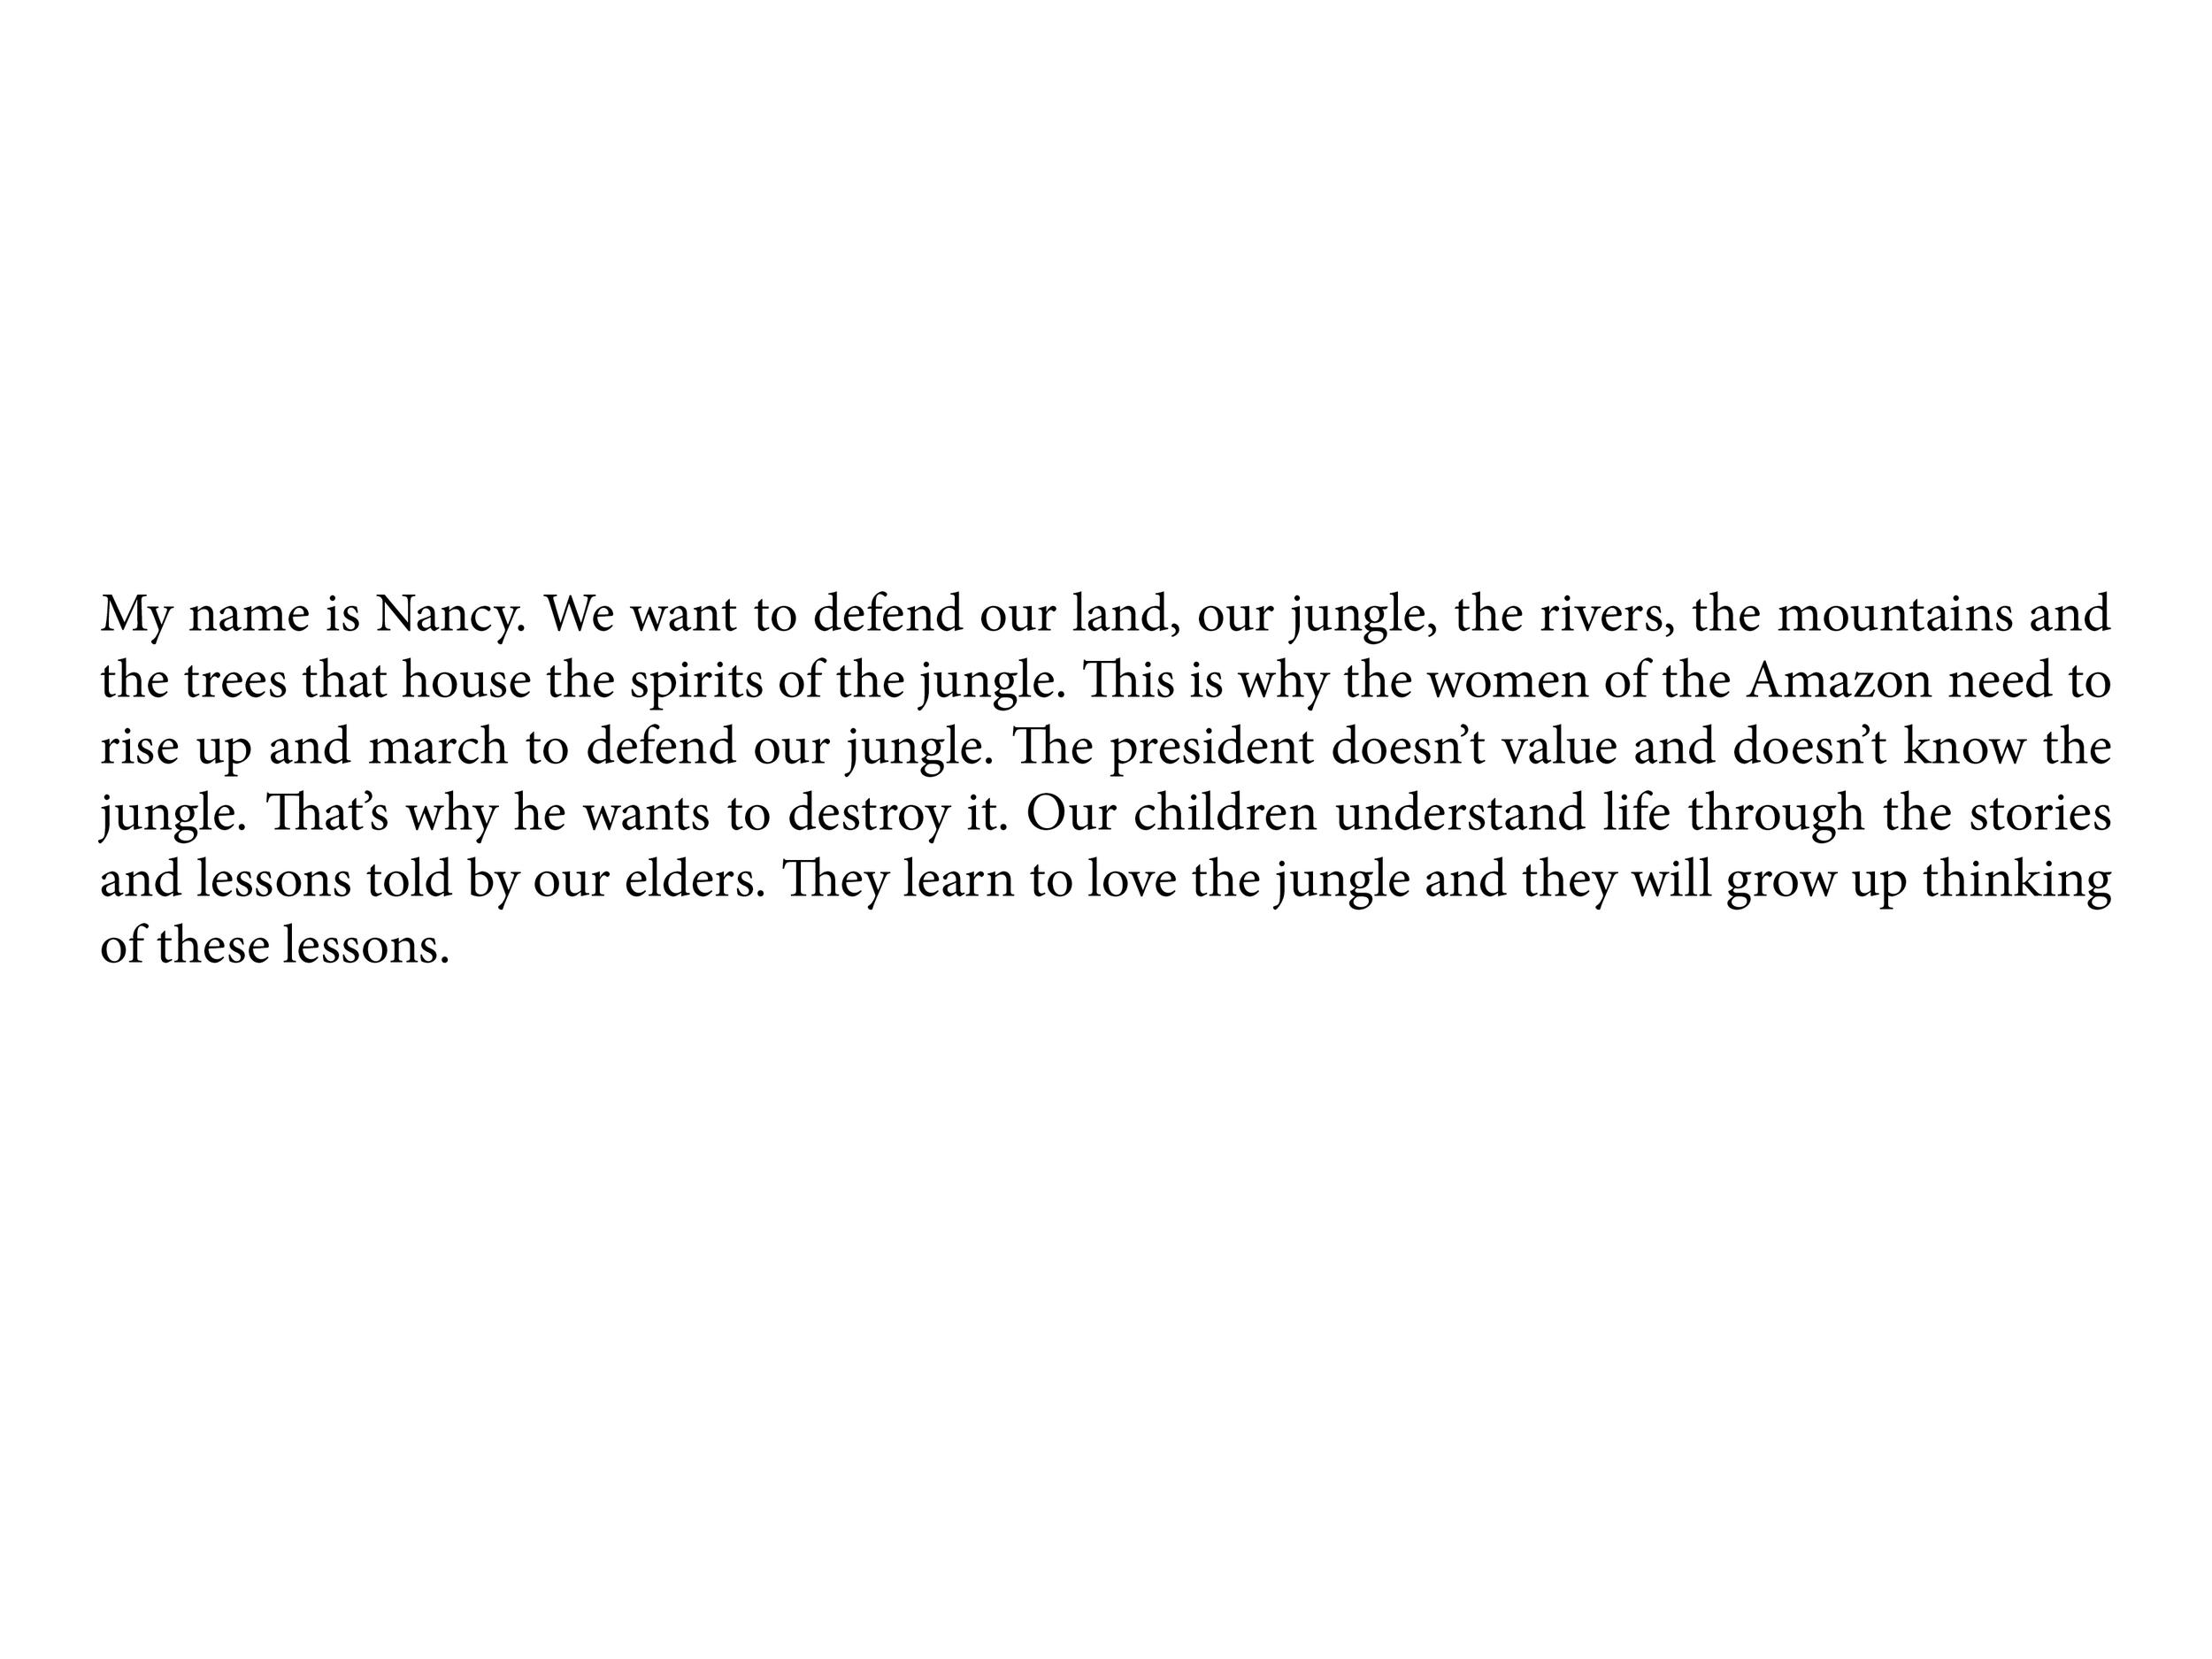 Nancy-ingles.jpg